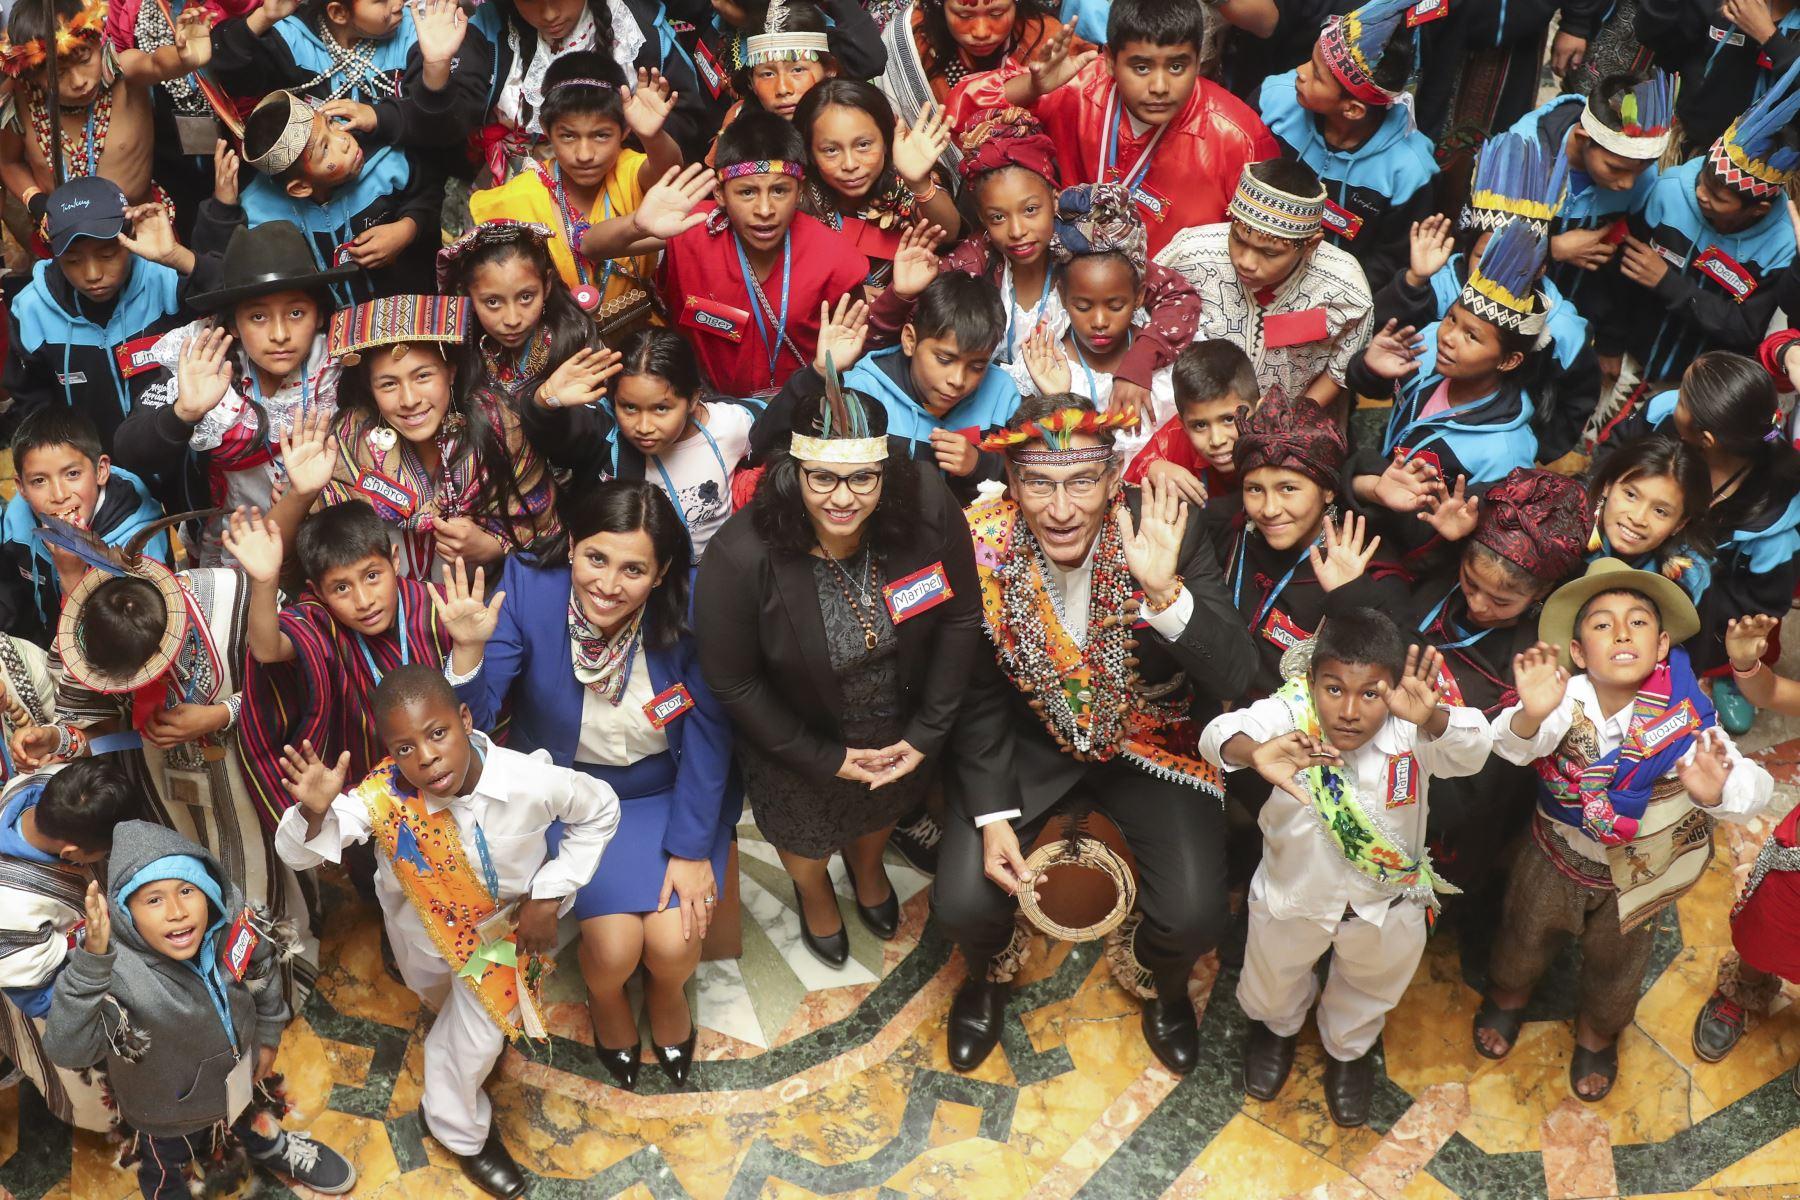 Presidente de la República Martín Vizcarra junto a la Primera Dama saludan a los participantes del VIII Encuentro nacional de niños y niñas de pueblos originarios, afroperuanos y de otras tradiciones culturales del Perú, participantes del Tinkuy 2019. Foto: ANDINA/ Prensa Presidencia